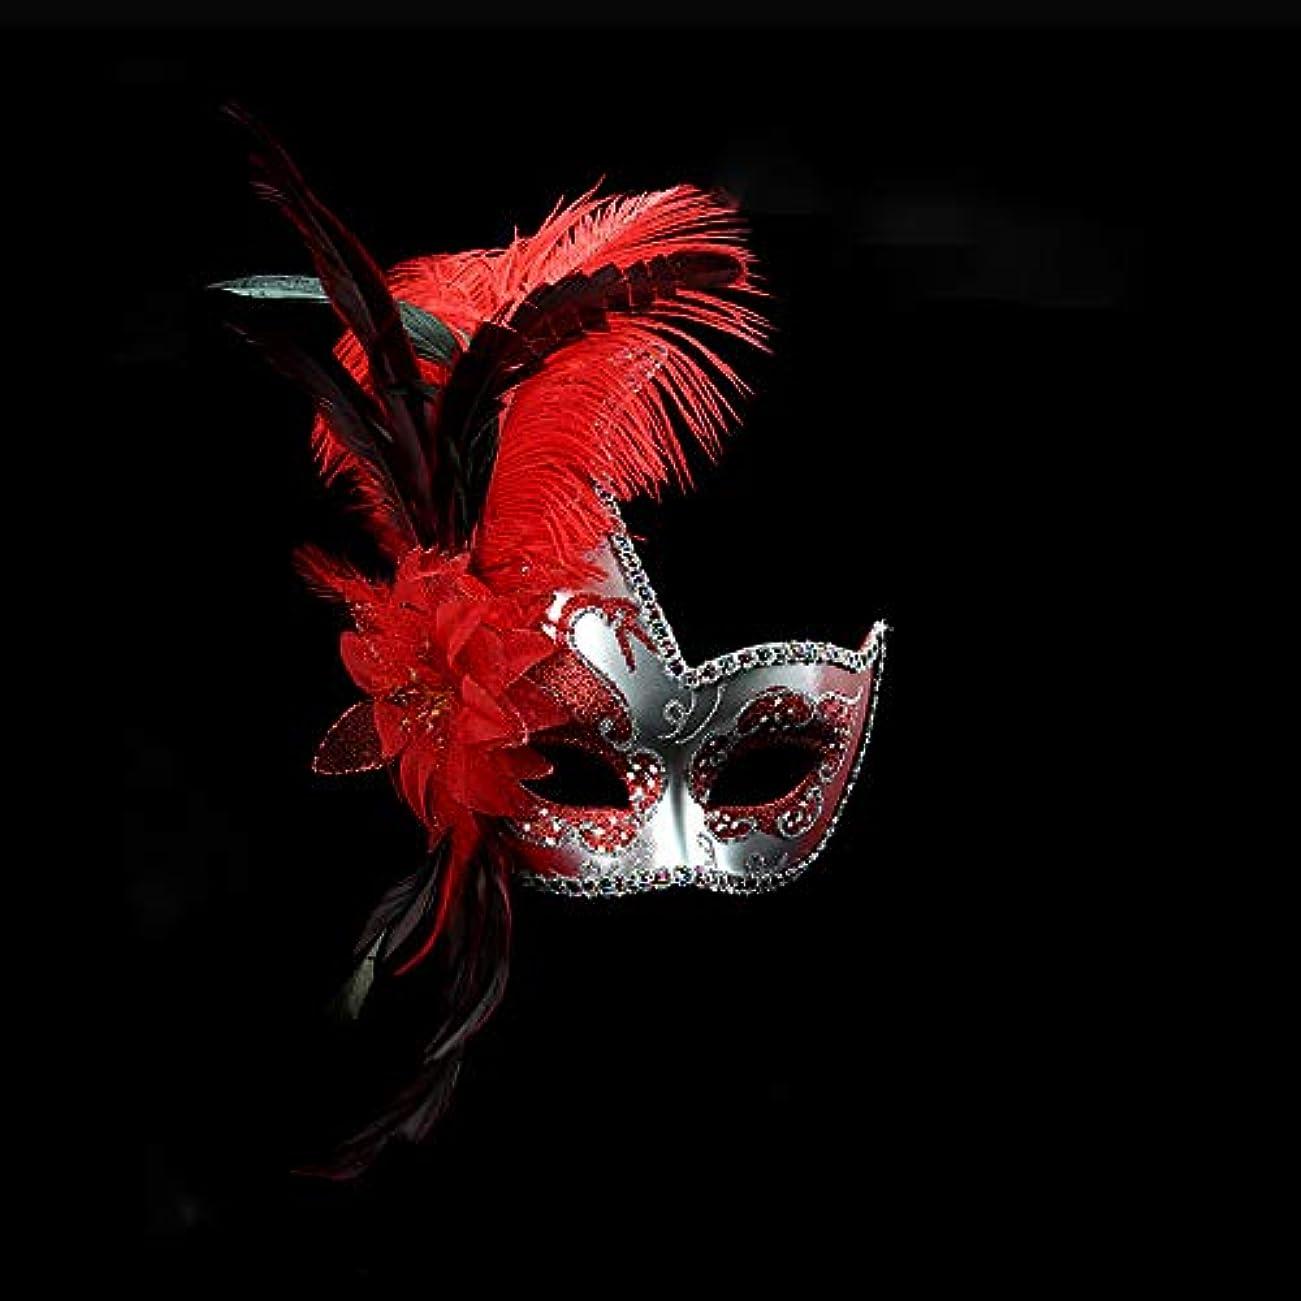 優雅な利点表現Nanle ハロウィンマスクハーフフェザーマスクベニスプリンセスマスク美容レース仮面ライダーコスプレ (色 : Red)